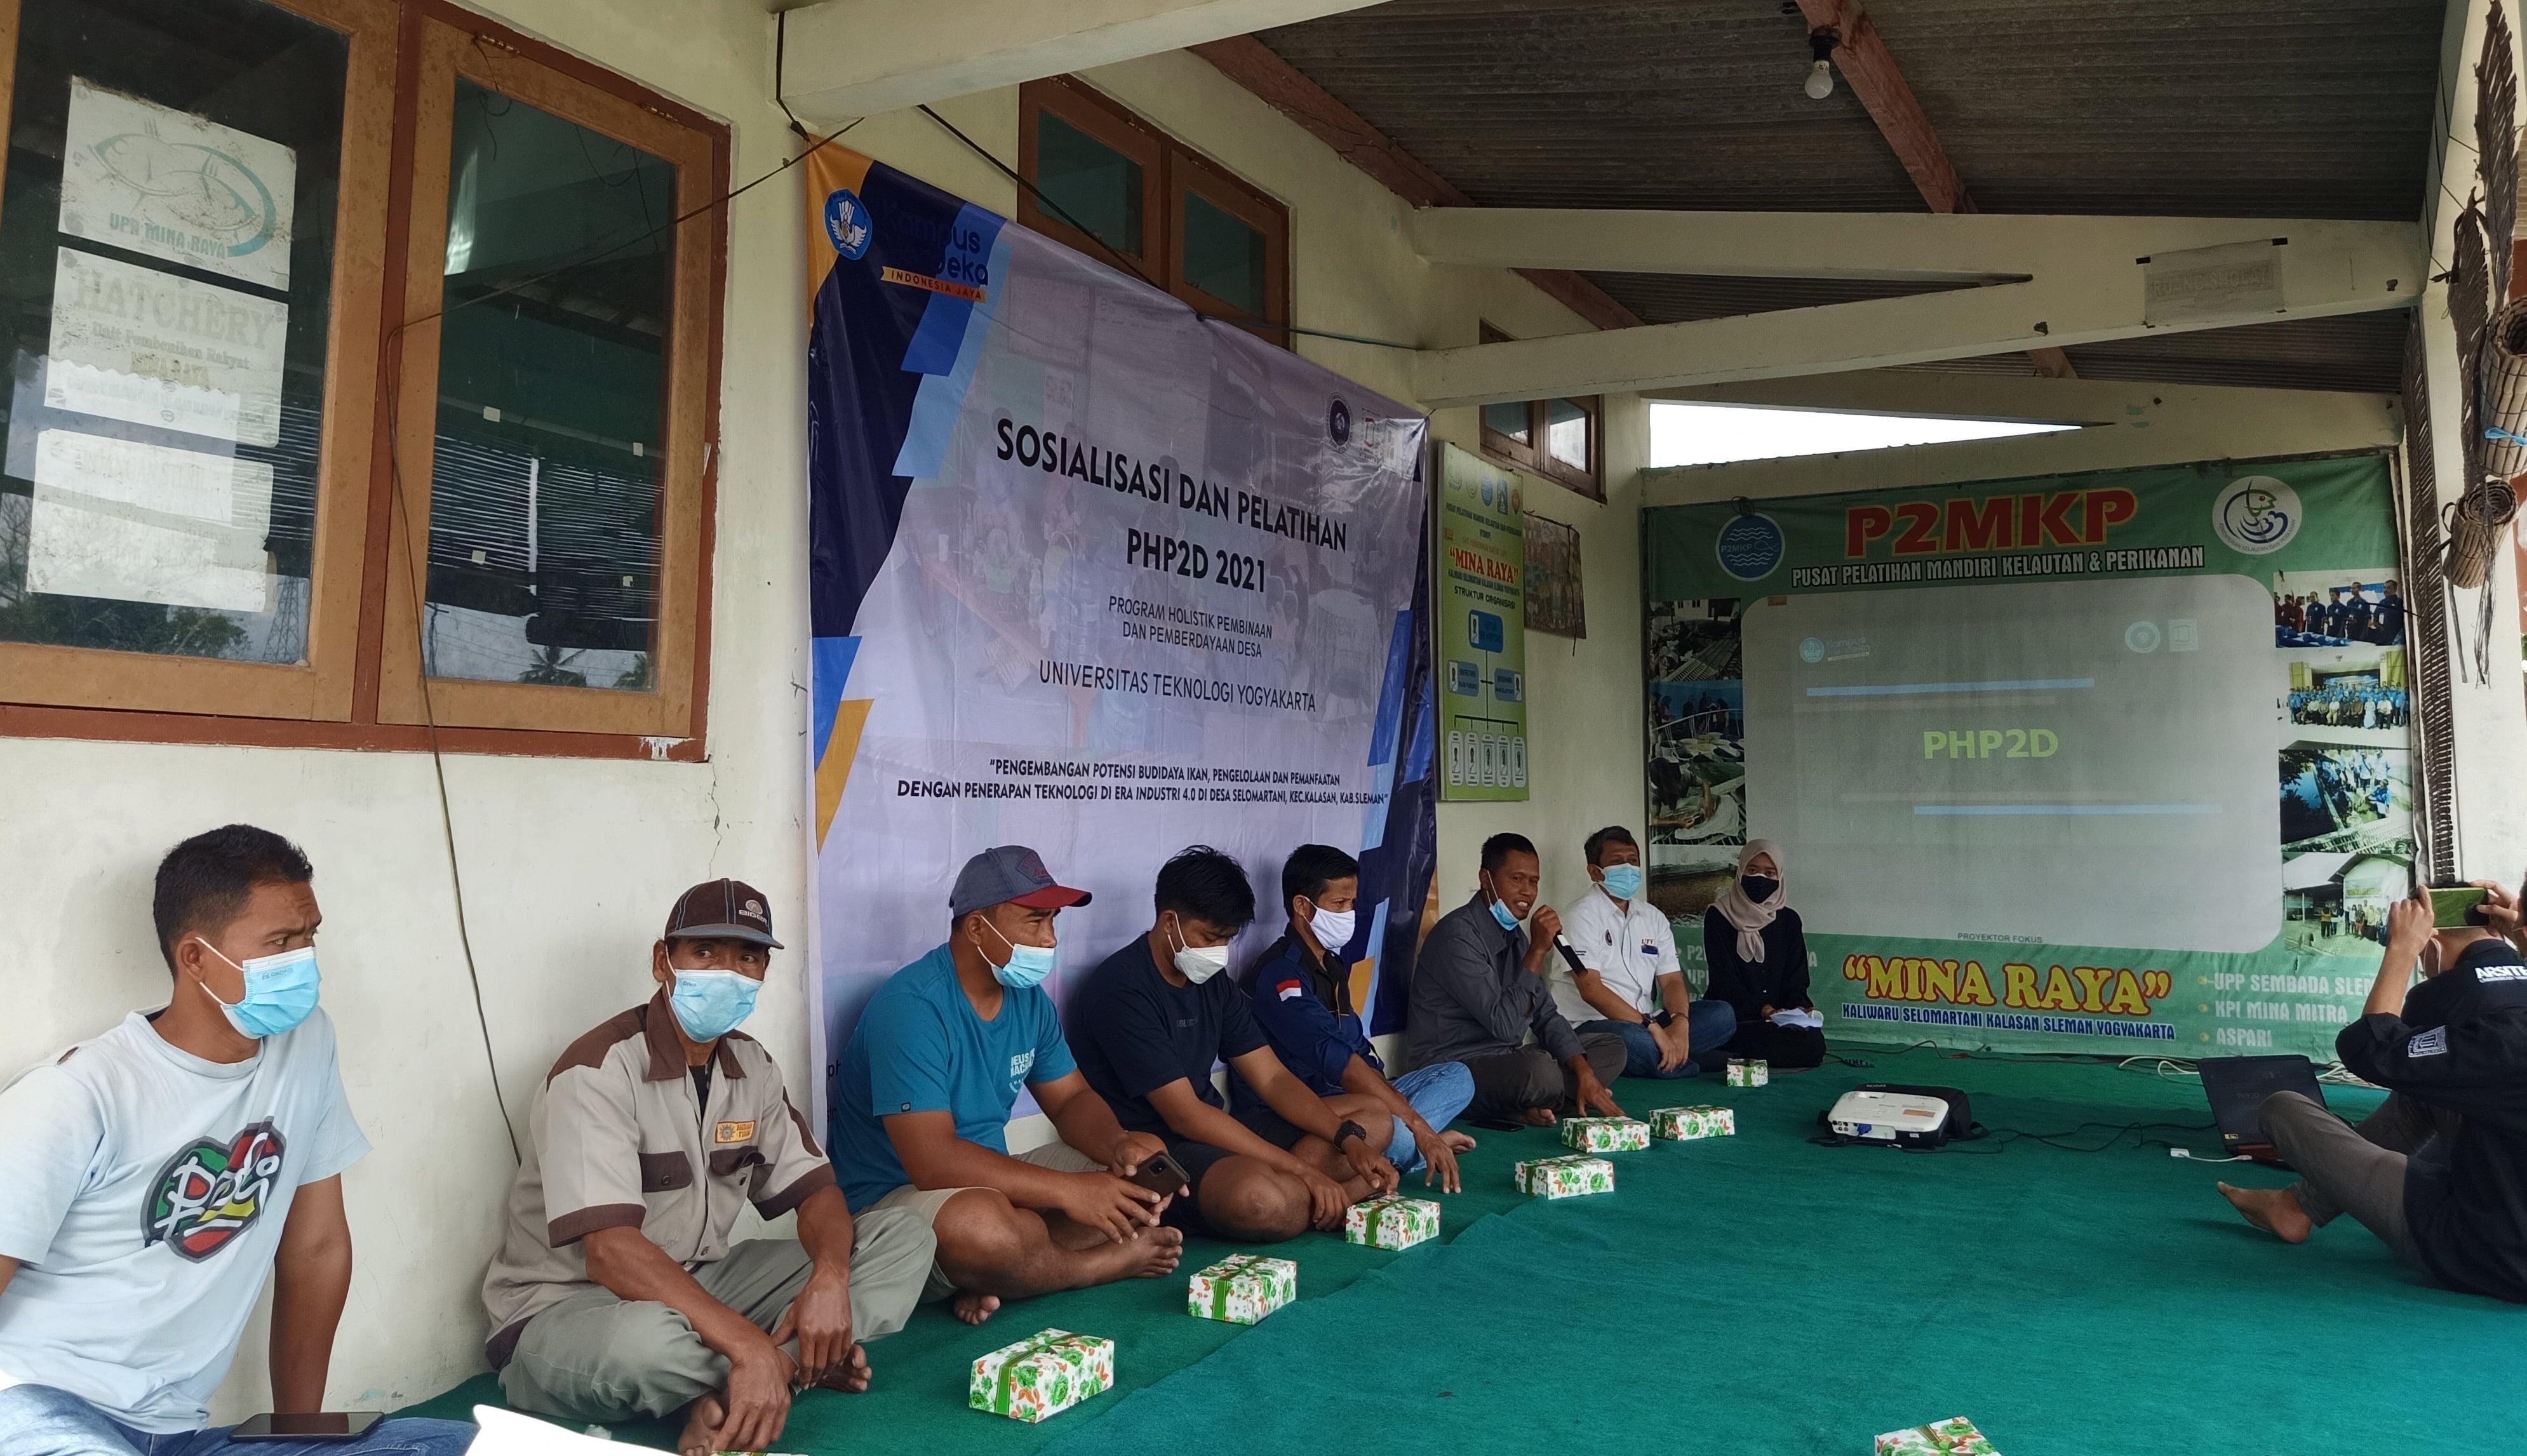 Dalam Rangka Implementasikan Progam Hibah PHP2D, Himpunan Mahasiswa Arsitektur UTY Mulai Lakukan Sosialisasi Kepada Warga Desa Selomartani